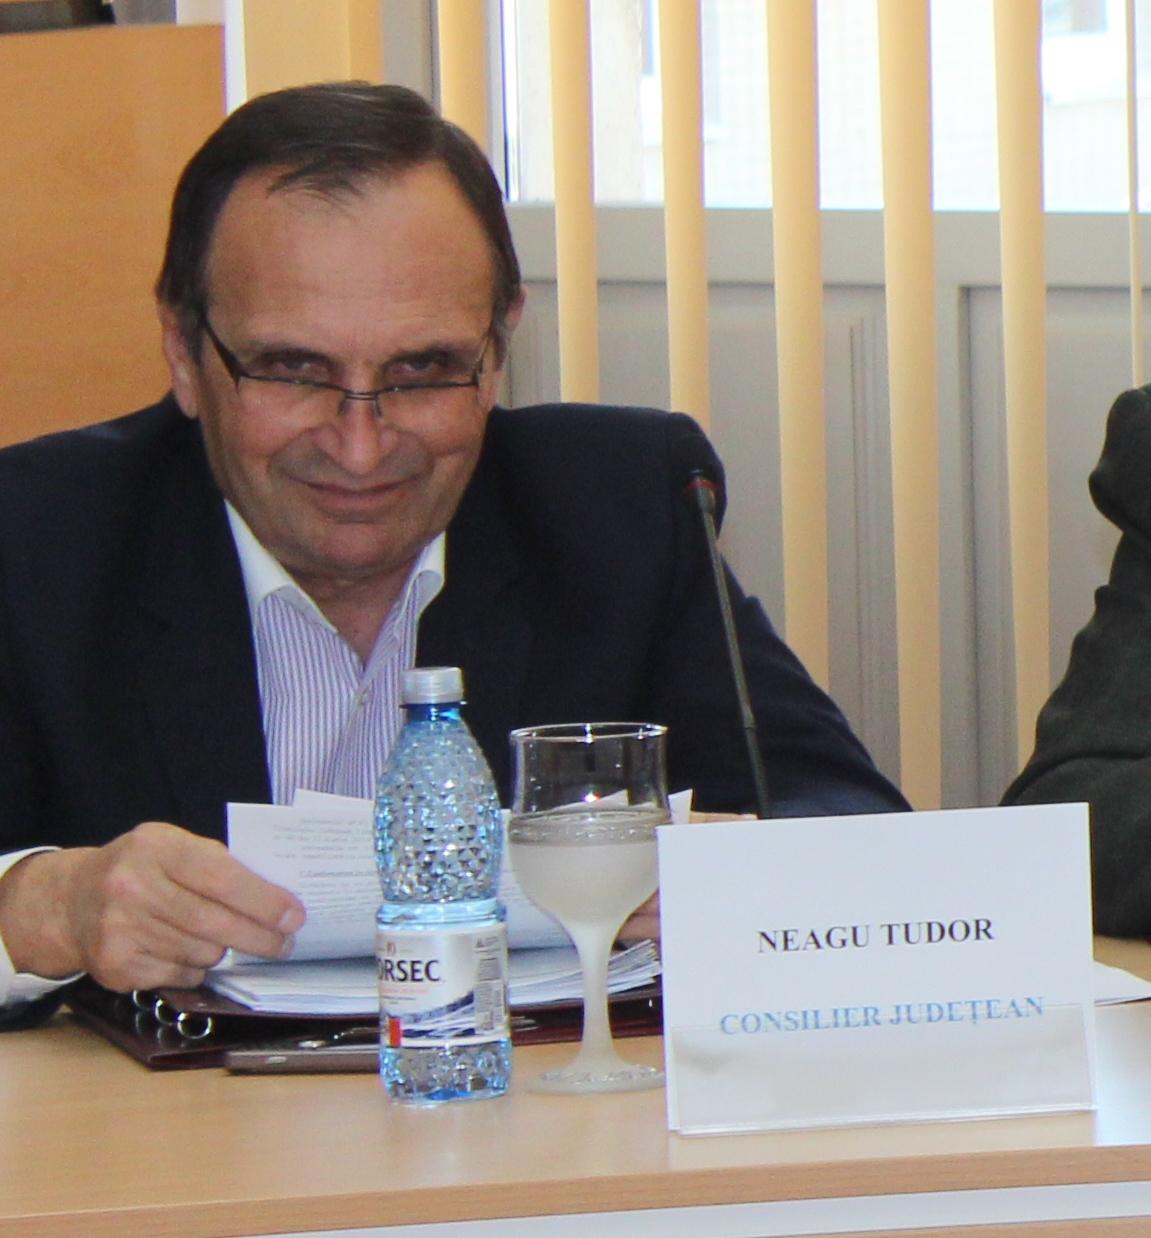 Fost OFIŢER de SECURITATE şi Consilier Judeţean, condamnat la 2 ani de închisoare pentru evaziune fiscală